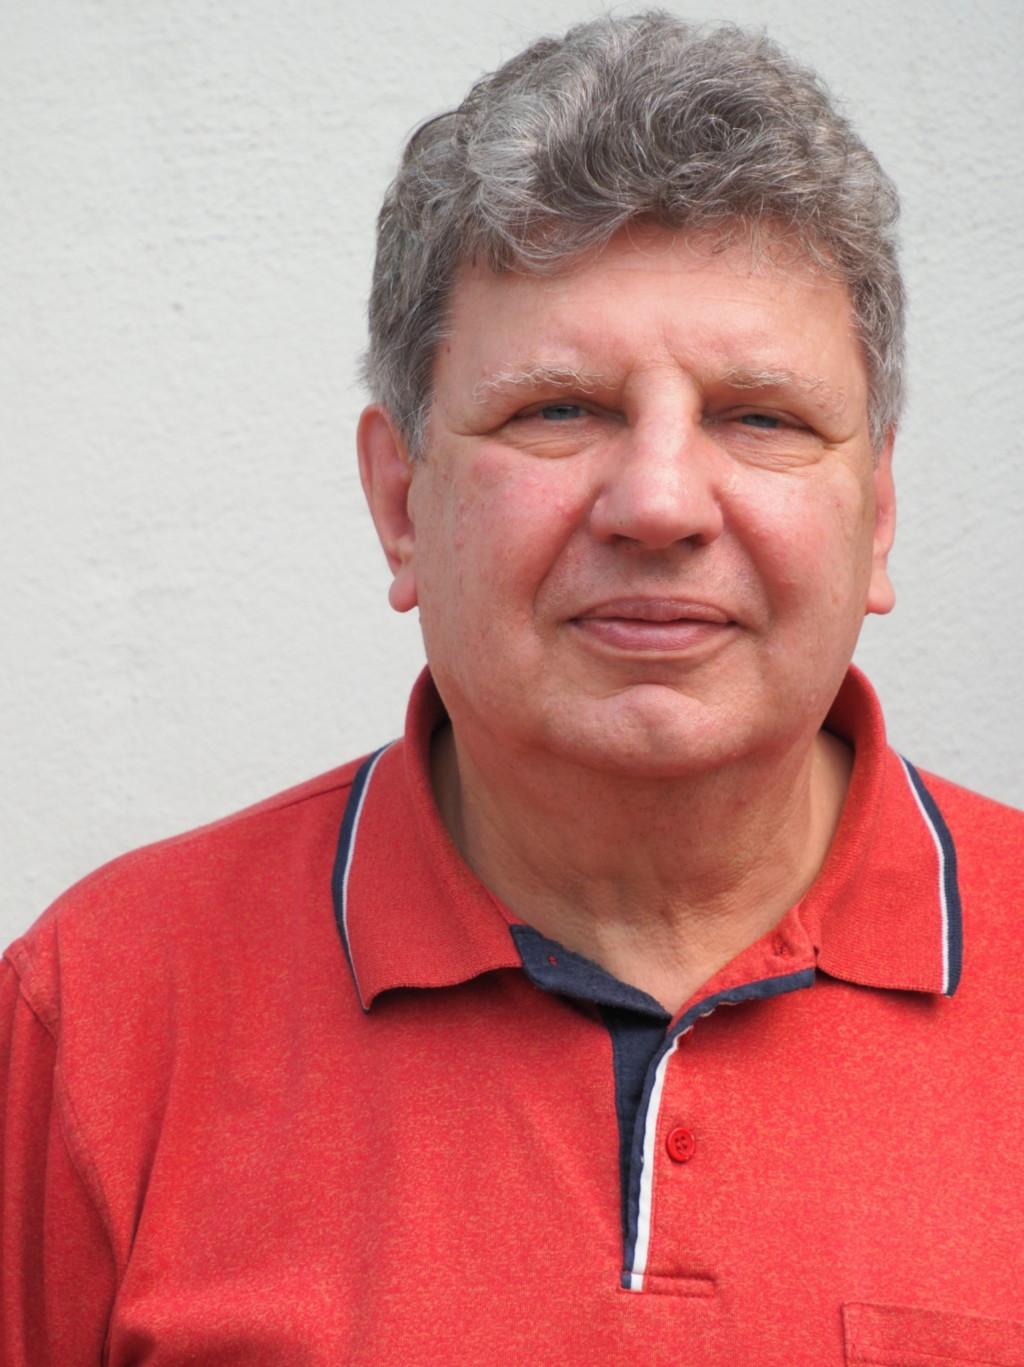 Frank Rainer Seelert